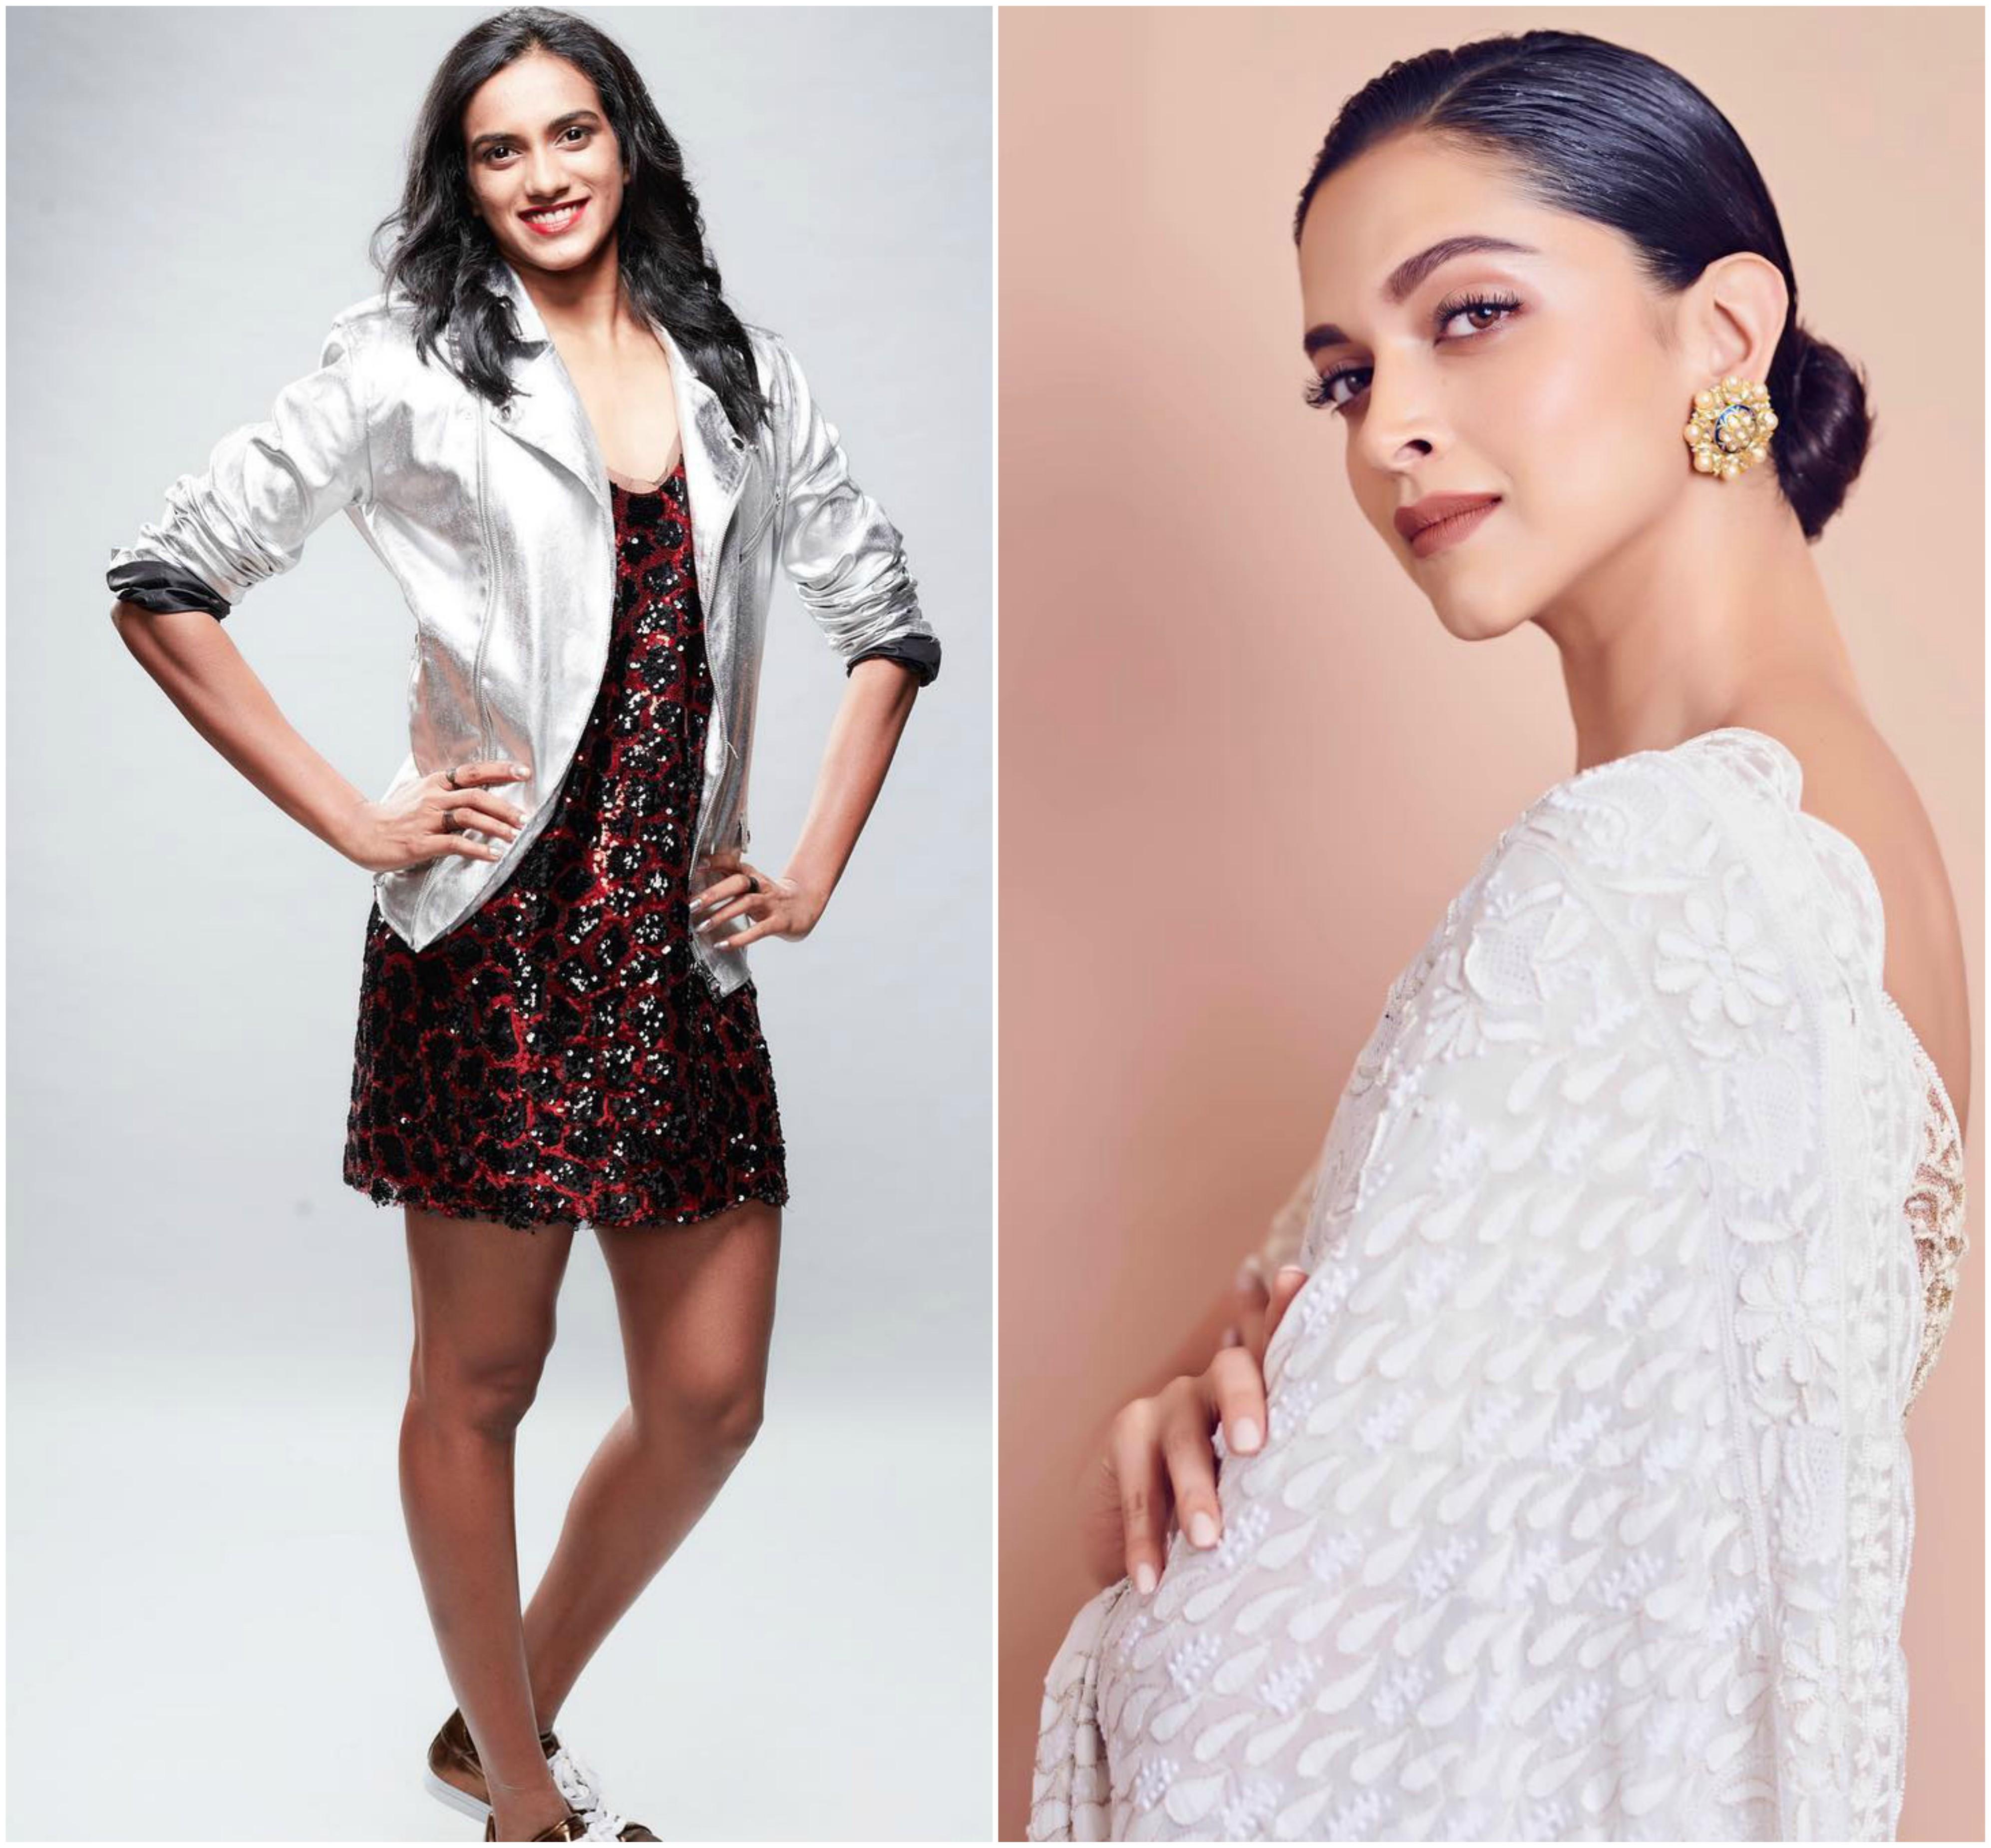 PV Sindhu & Deepika Padukone